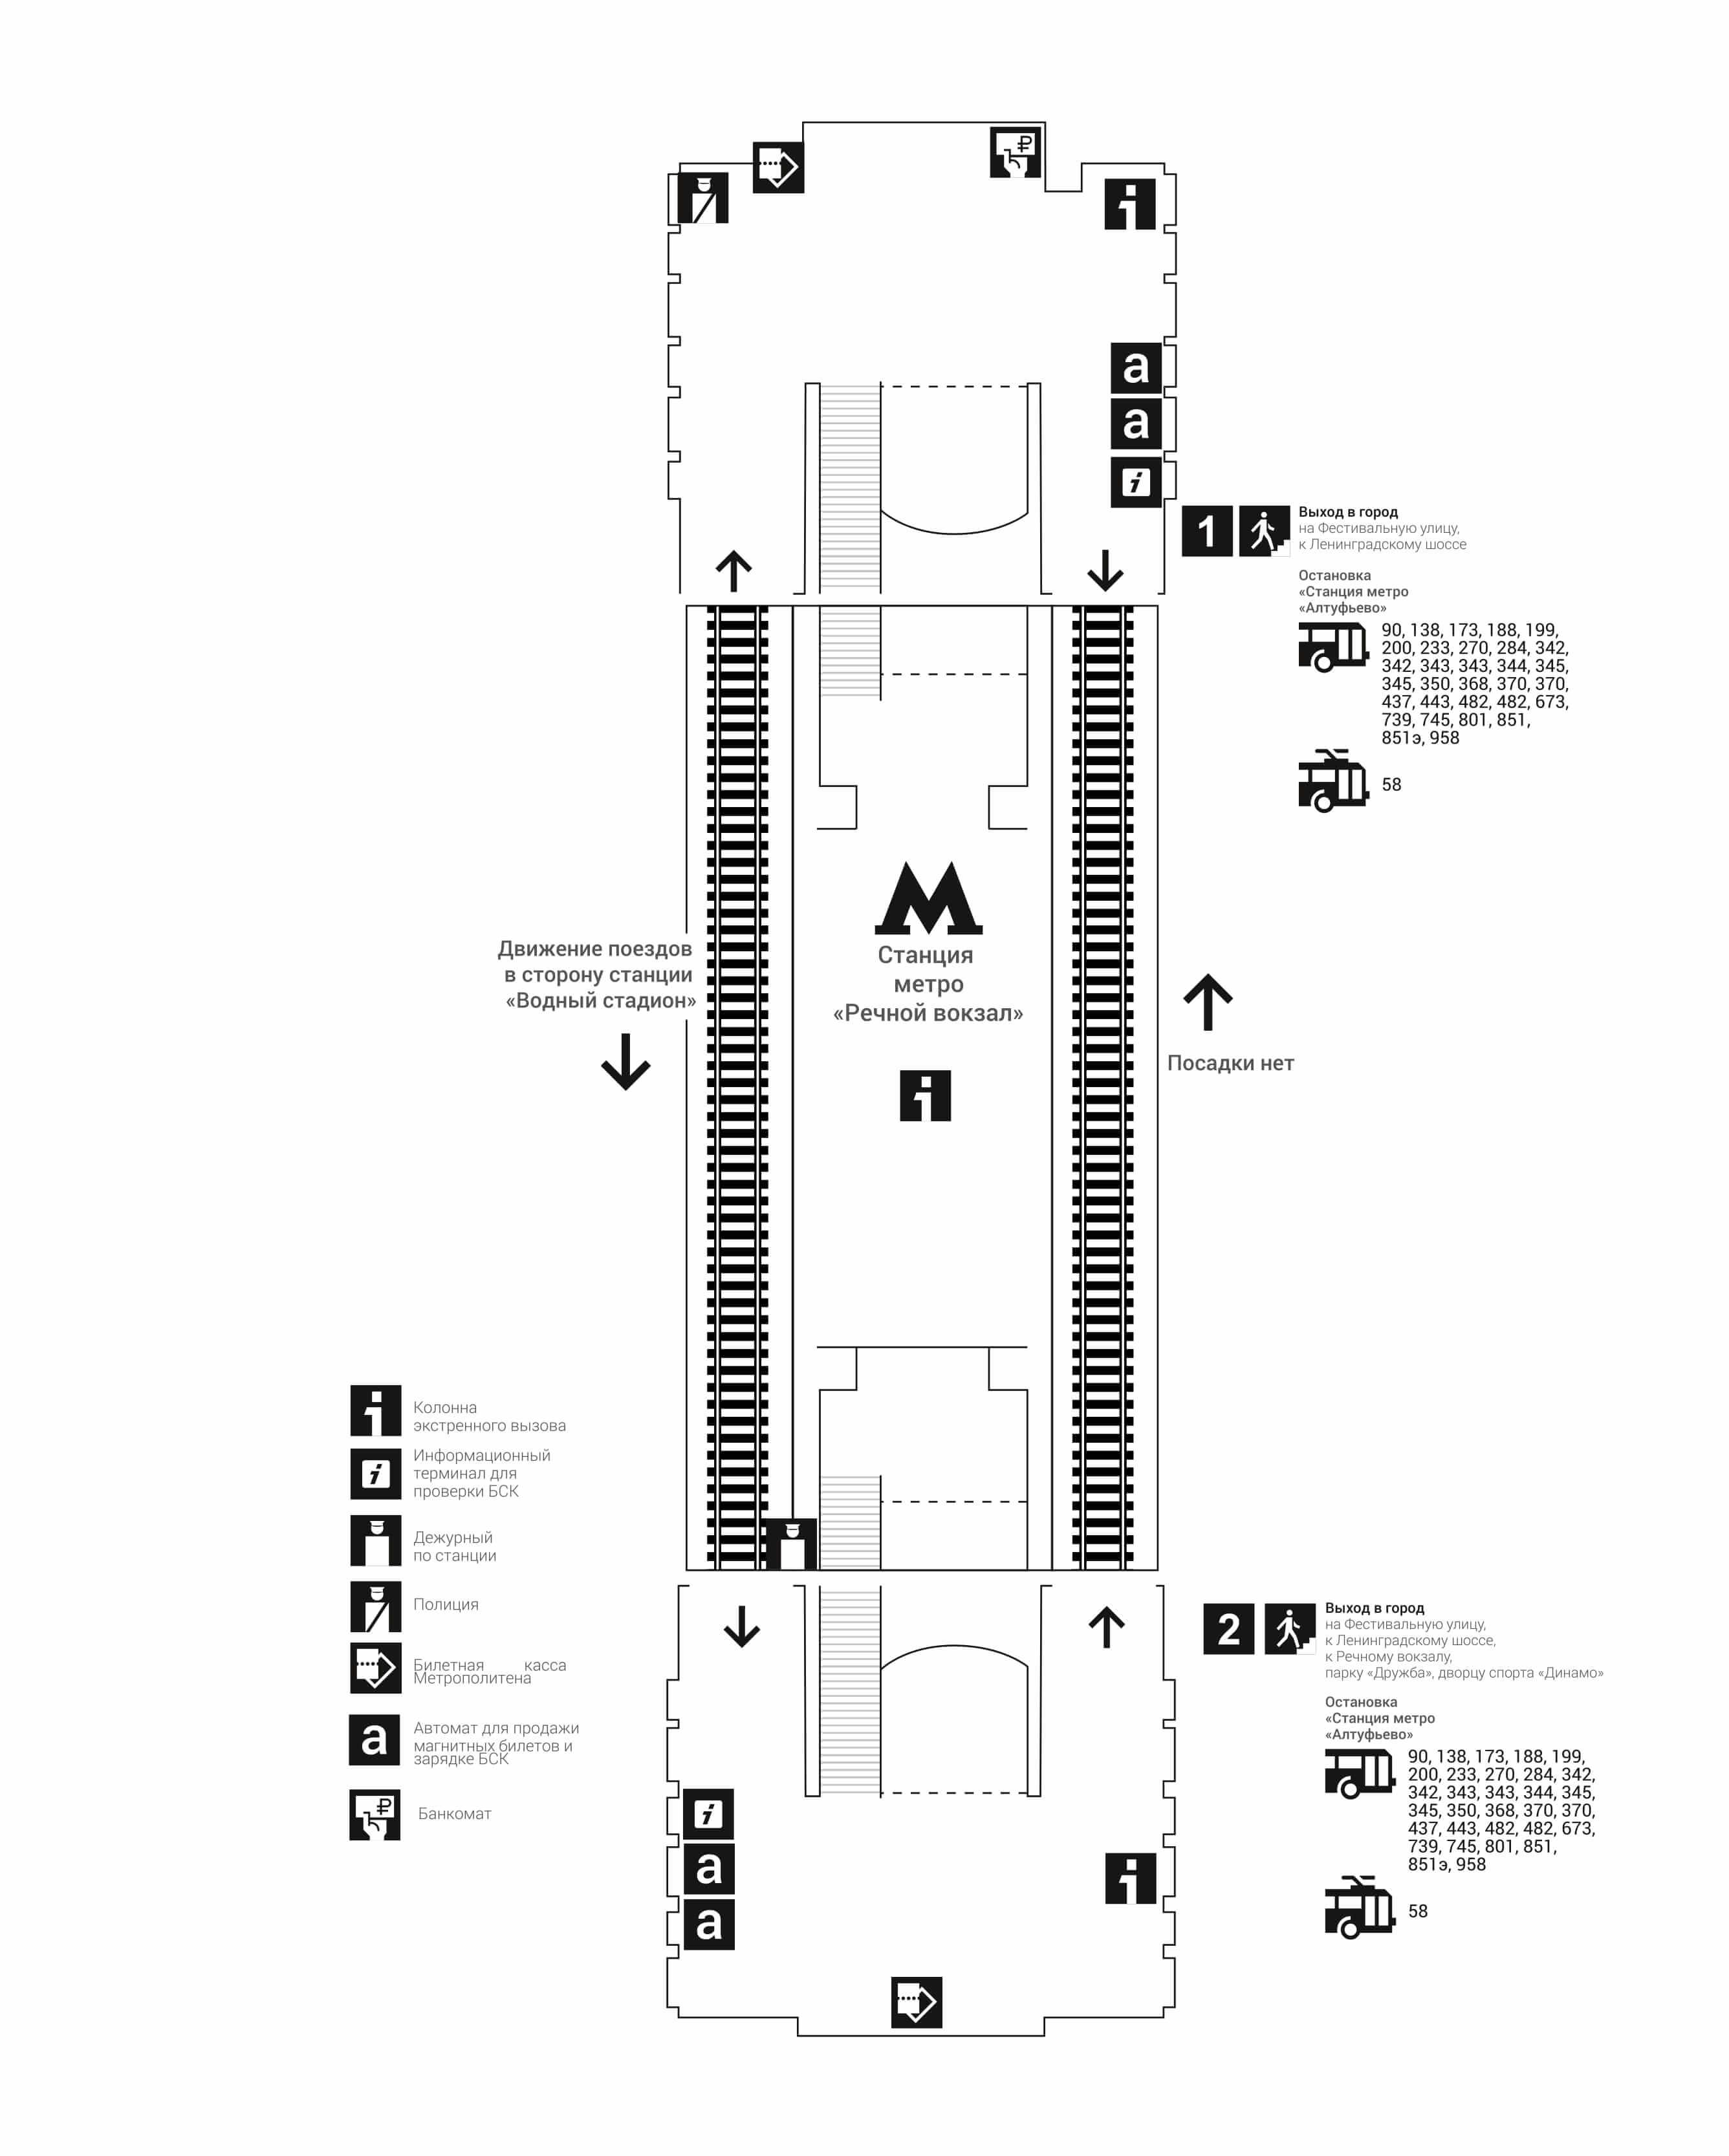 карта схема метро москвы 2020 г с вокзалами